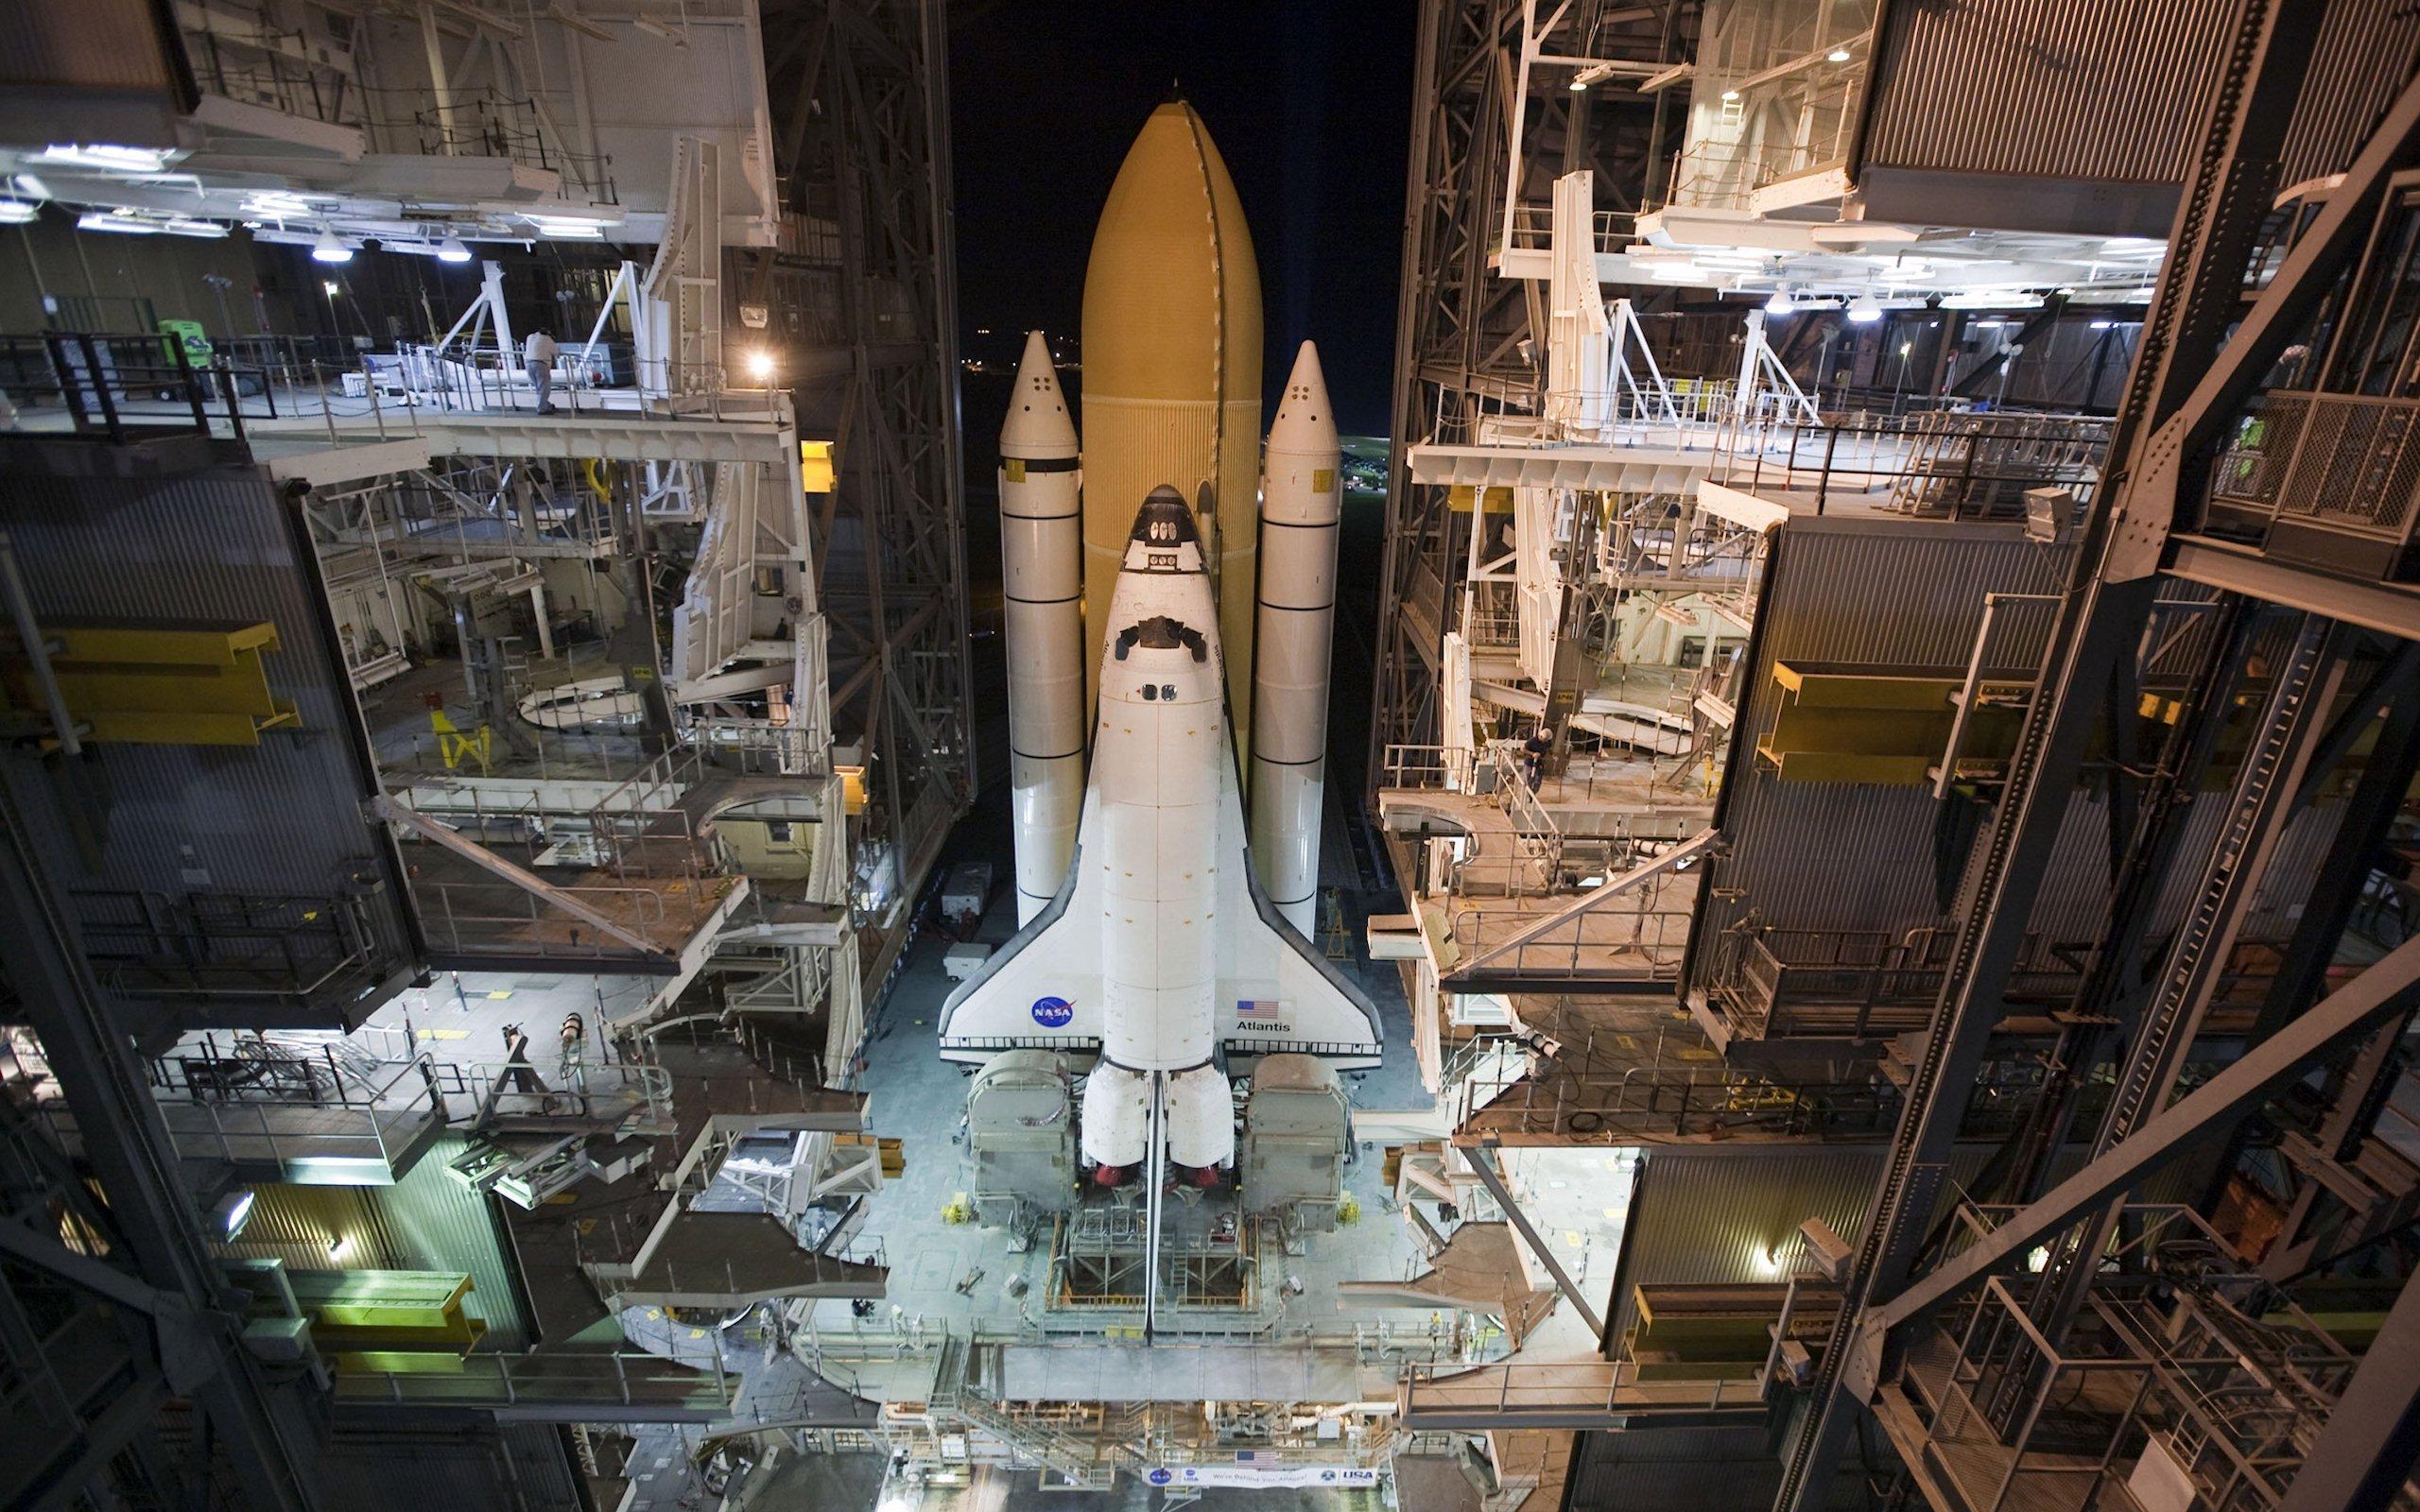 nasa new space shuttle design - HD1920×1200